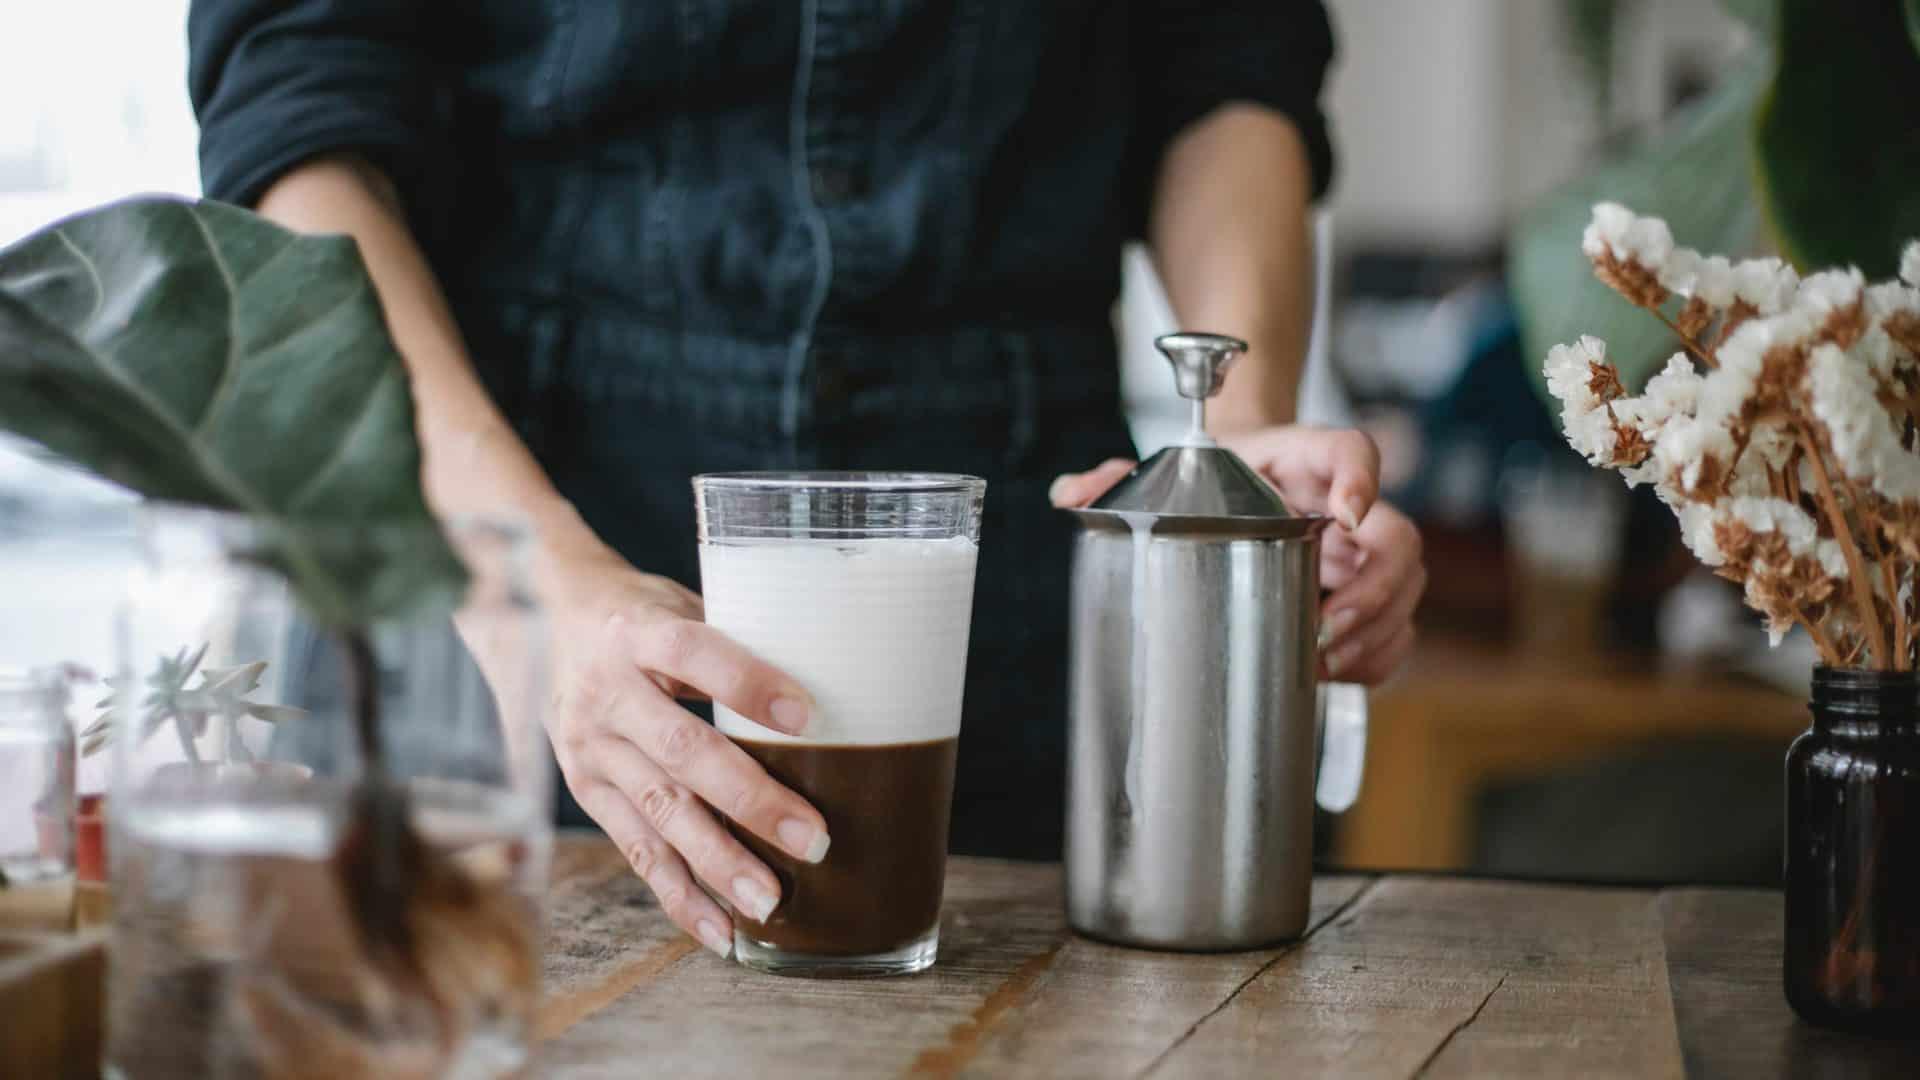 Glas koffie met romige laag melkschuim en een hand melkopschuimer.